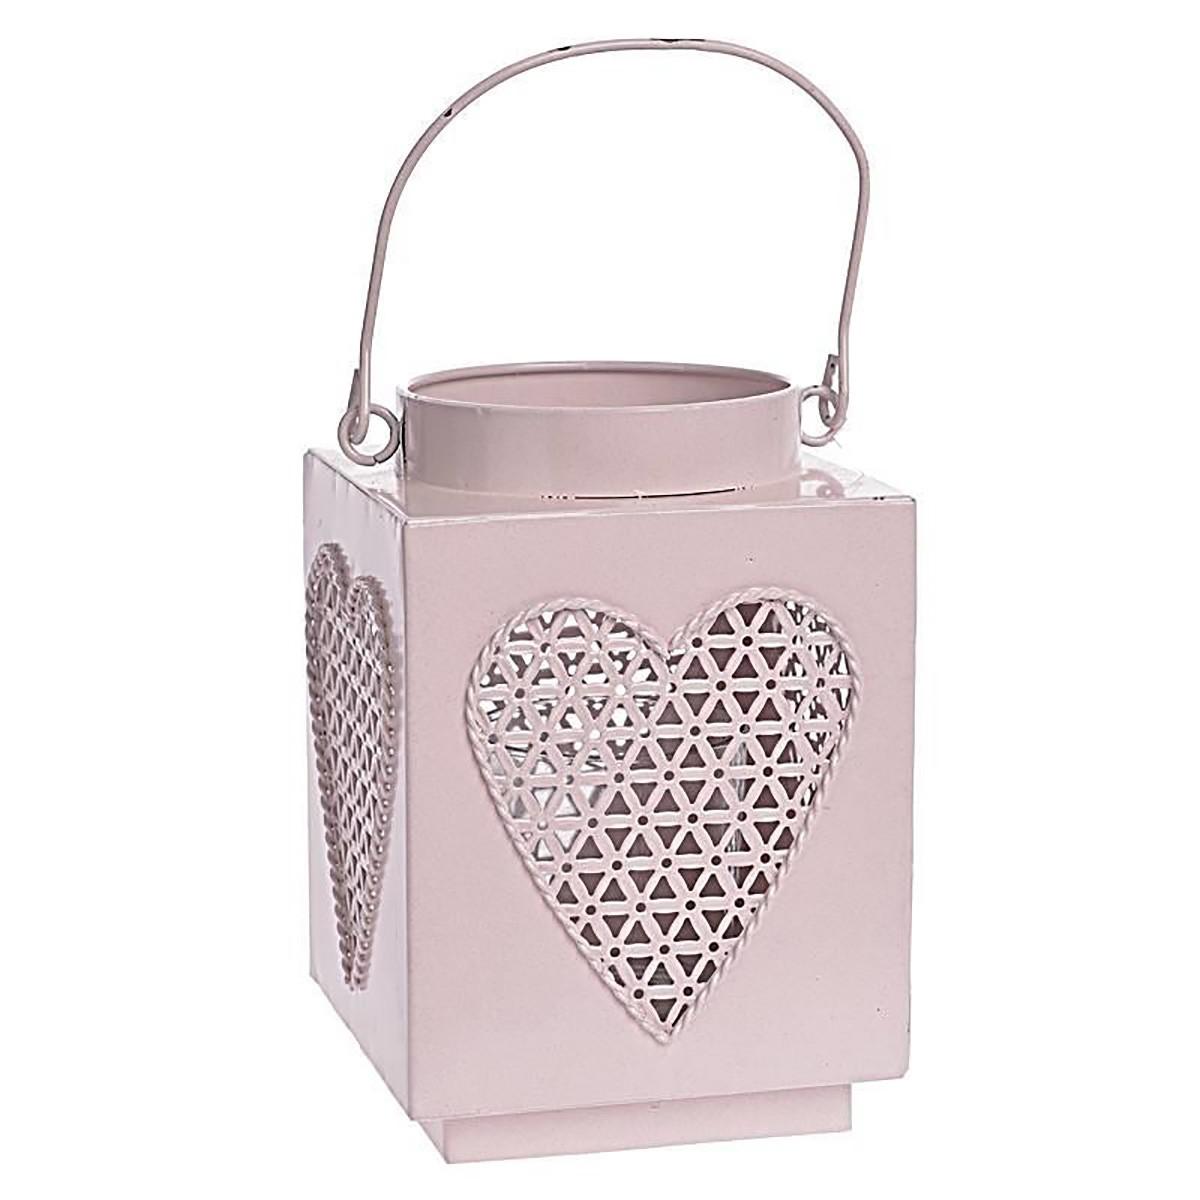 Φαναράκι InArt Pastel Pink 3-70-104-0696